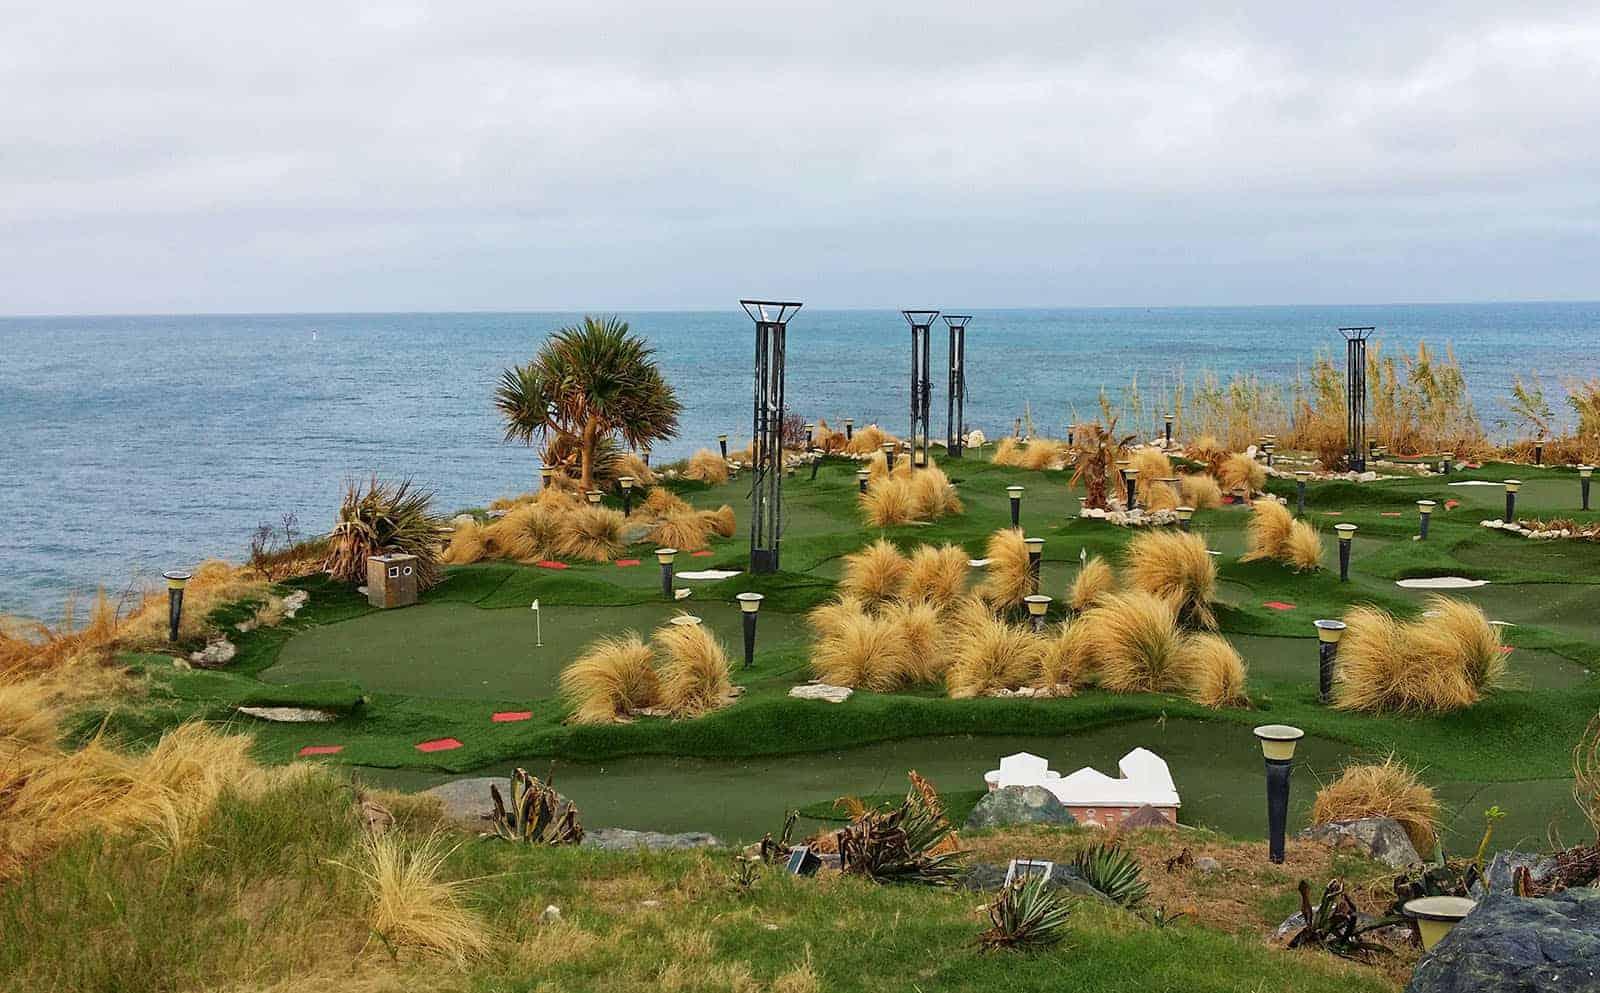 Bermuda Fun Golf – The Best Mini Golf in the World